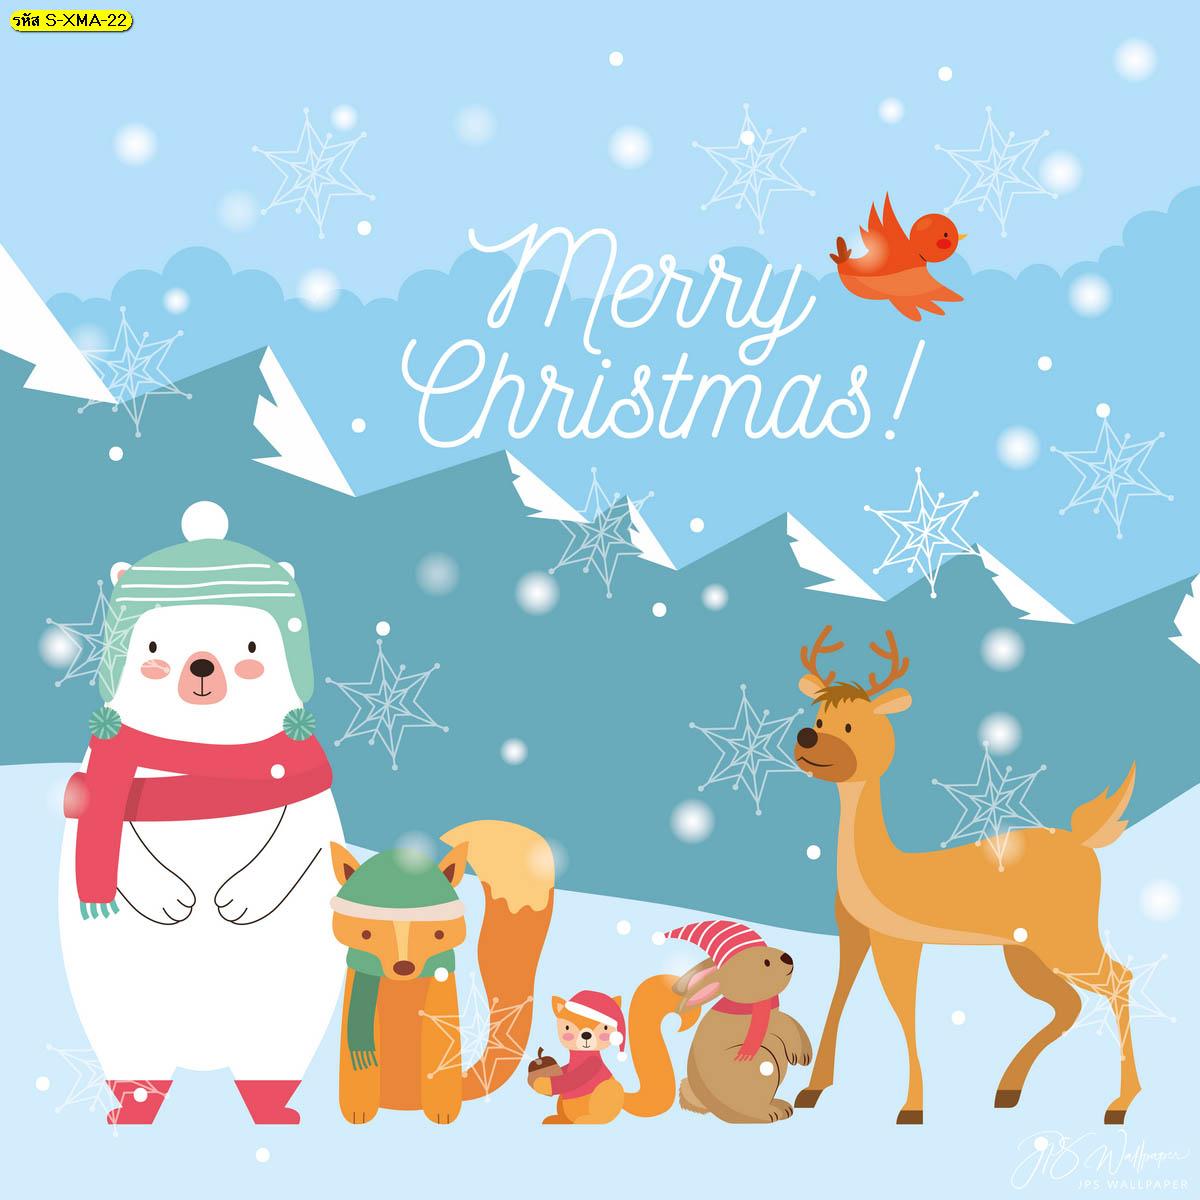 หมีขั้วโลกและผองเพื่อนในวันคริสต์มาส หมีขั้วโลก แต่งบ้านรับเทศกาลคริสต์มาส